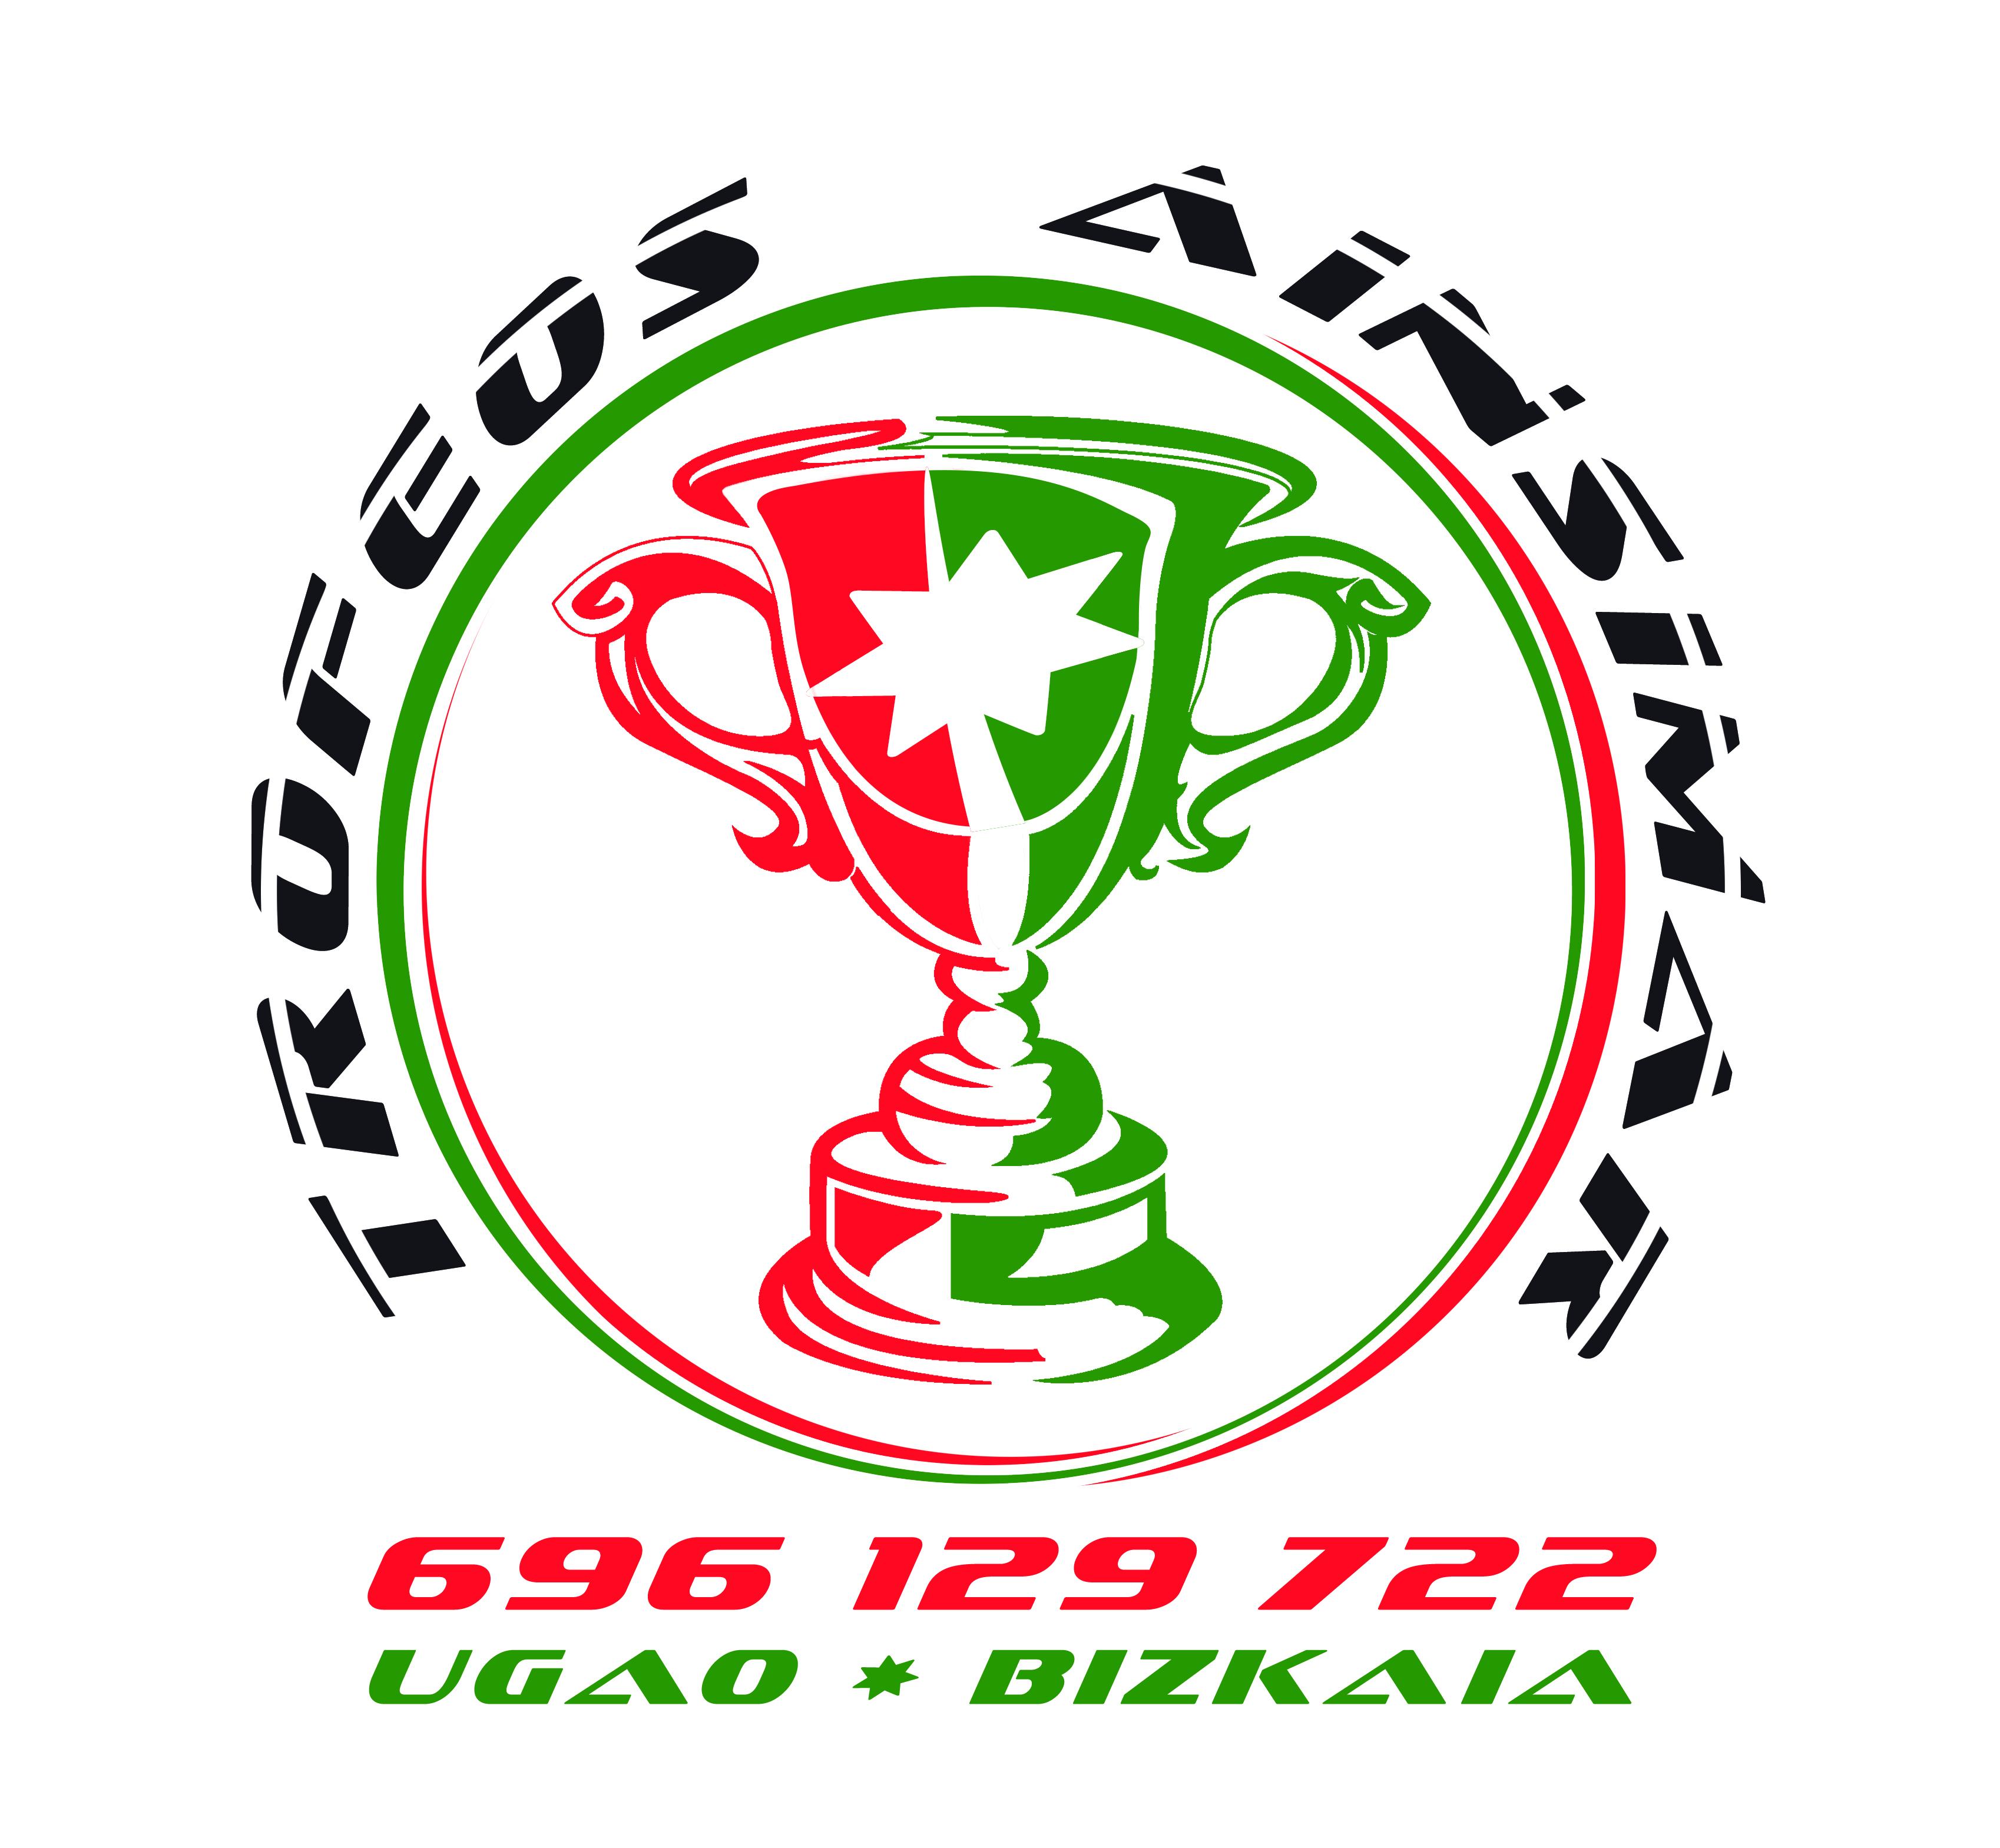 Trofeos Ainsimar